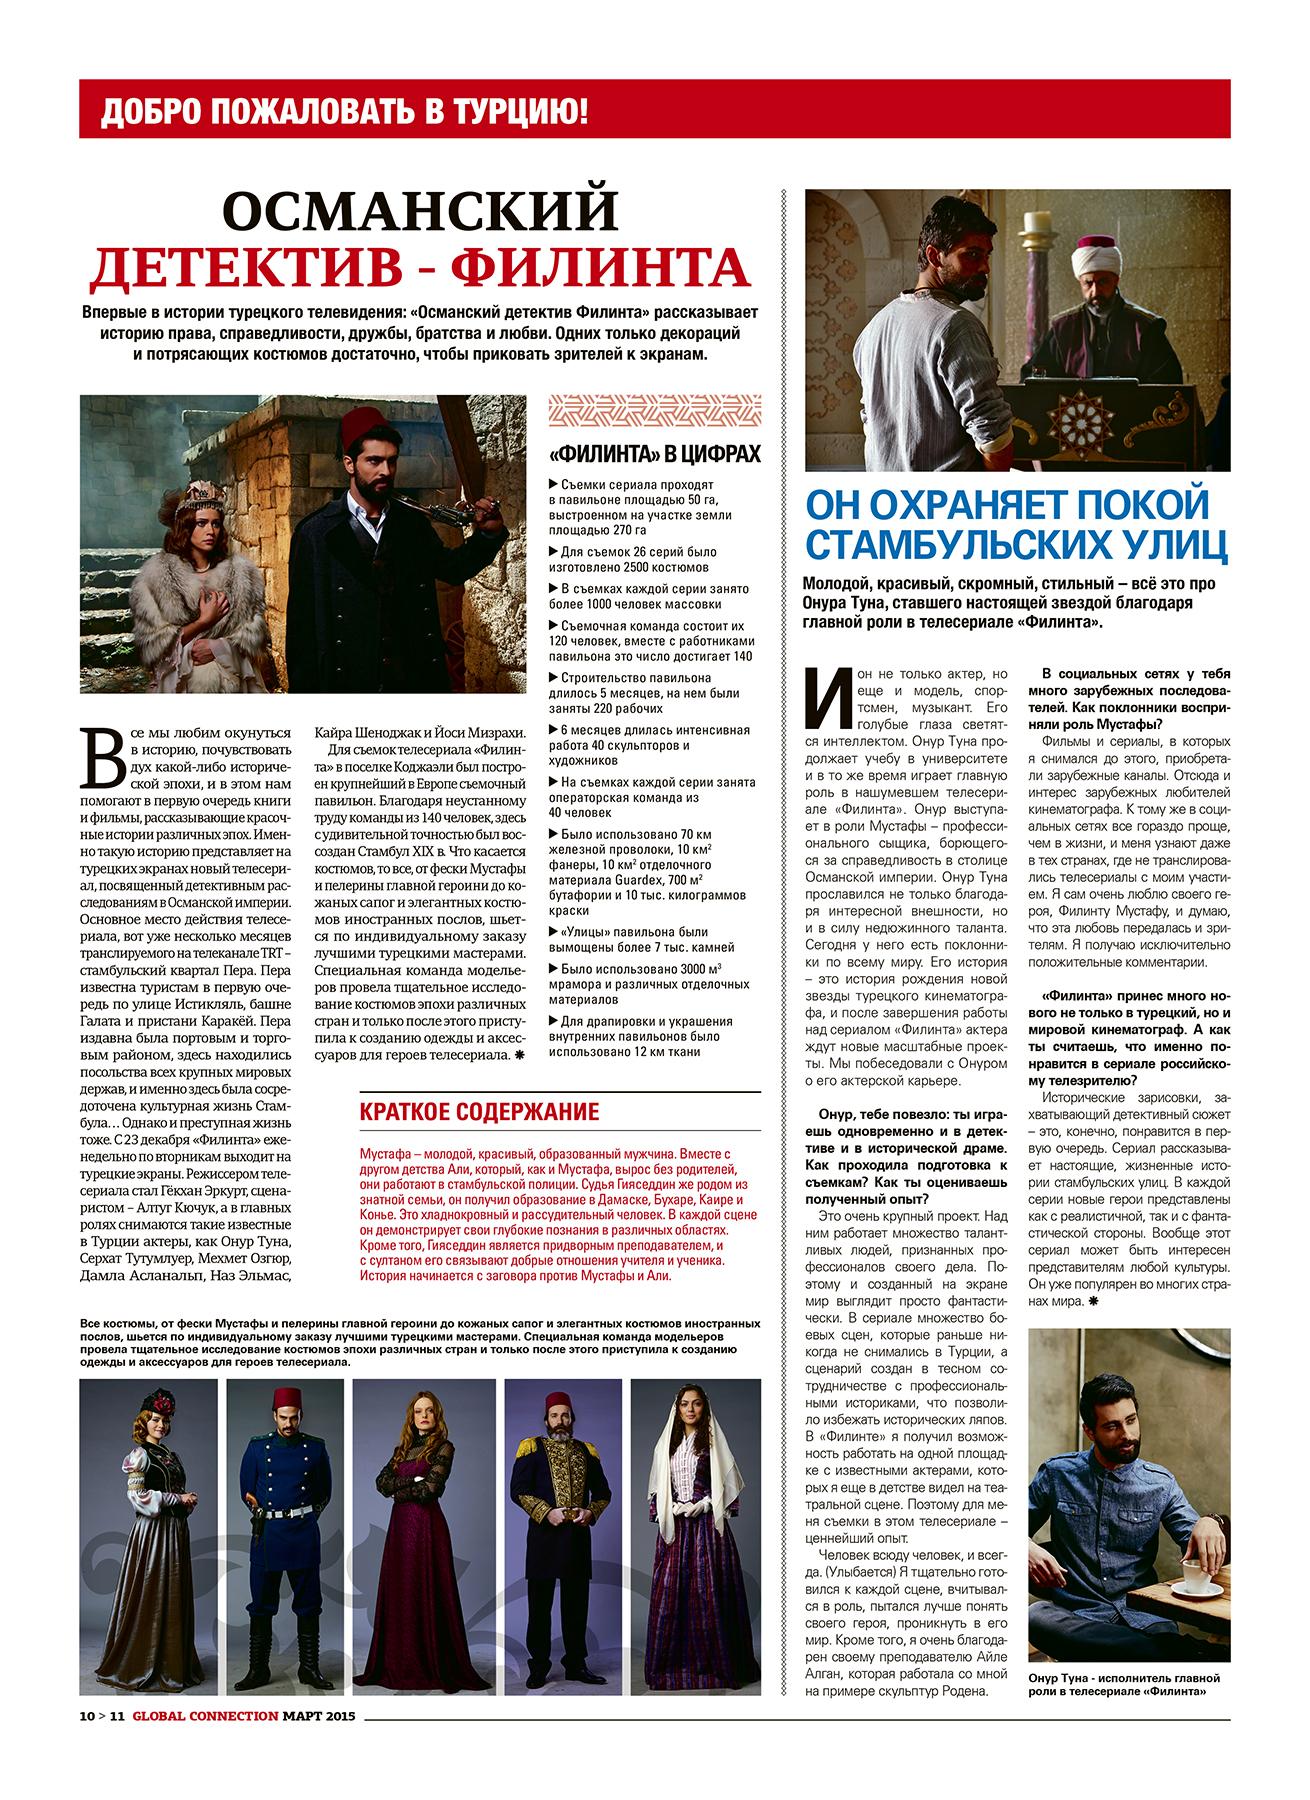 Filinta Rus Basınında